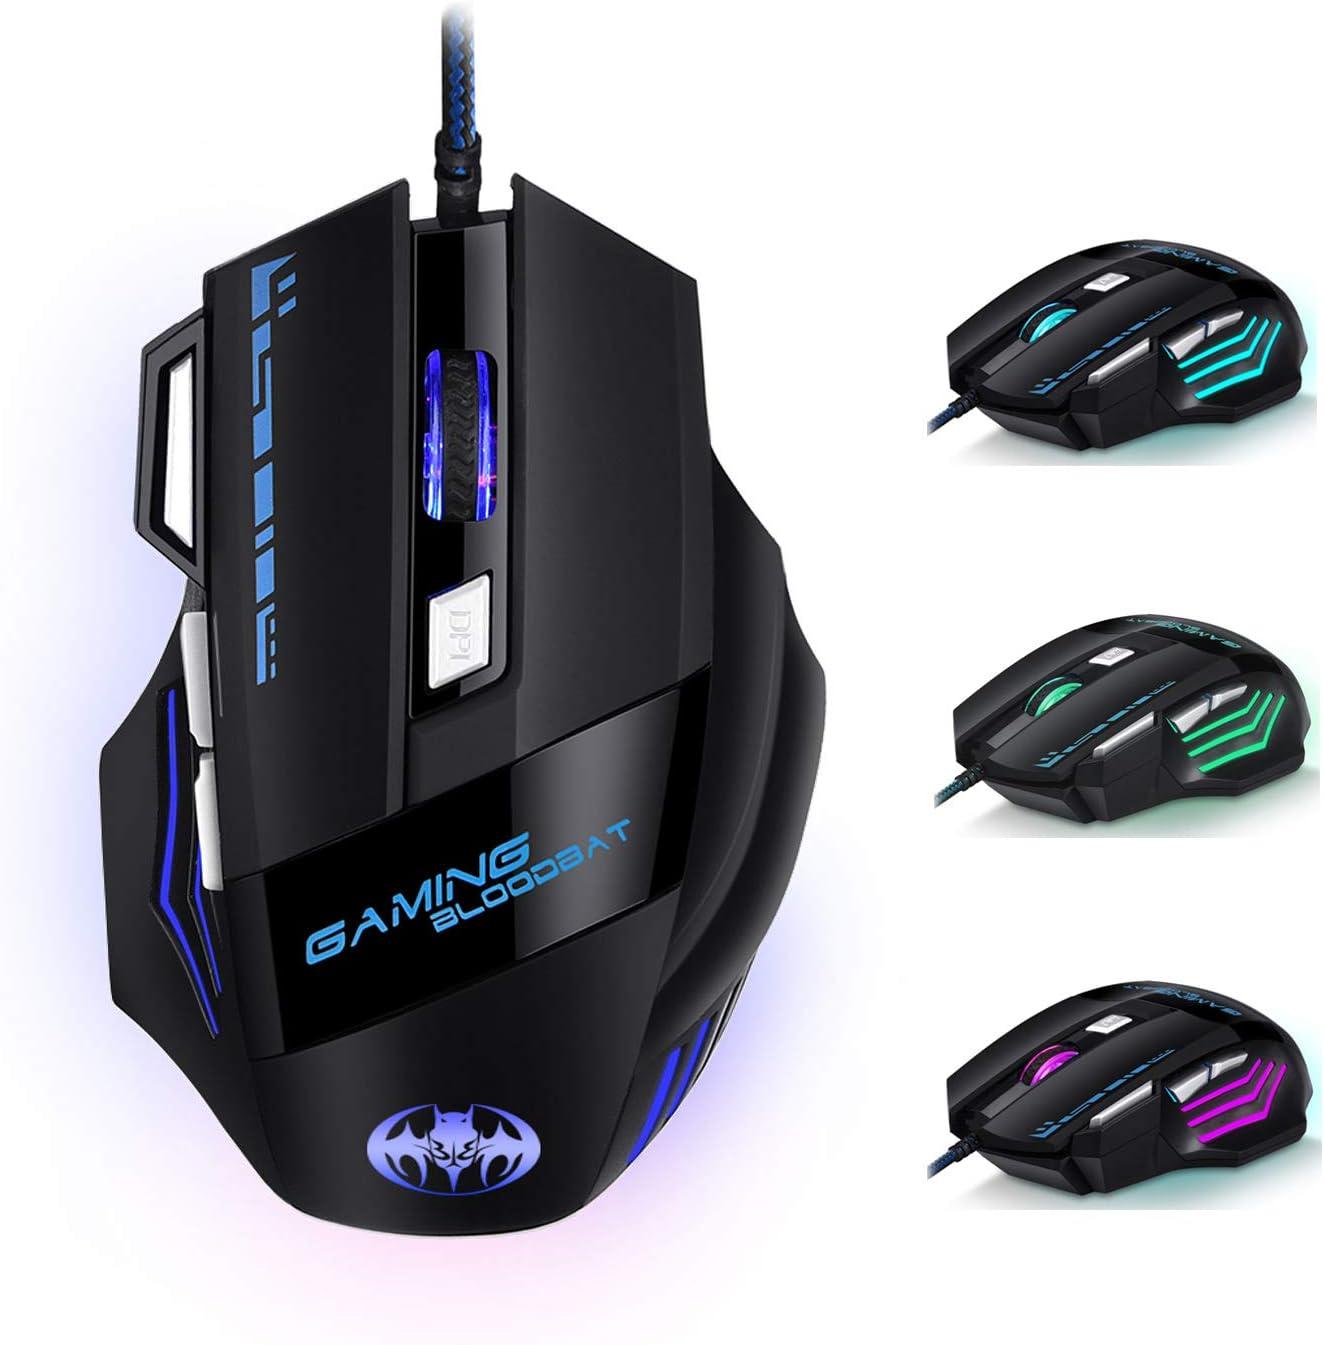 Ratón Gaming - iAmotus Ratón Gaming Óptico[7200 DPI Ajustable] Ratón Gamer Con Cable y 7 Botón, Ratón Ergonómico Retroiluminación RGB para Windows Vista/ Linux/Mac OS/PC/Computadora Portátil